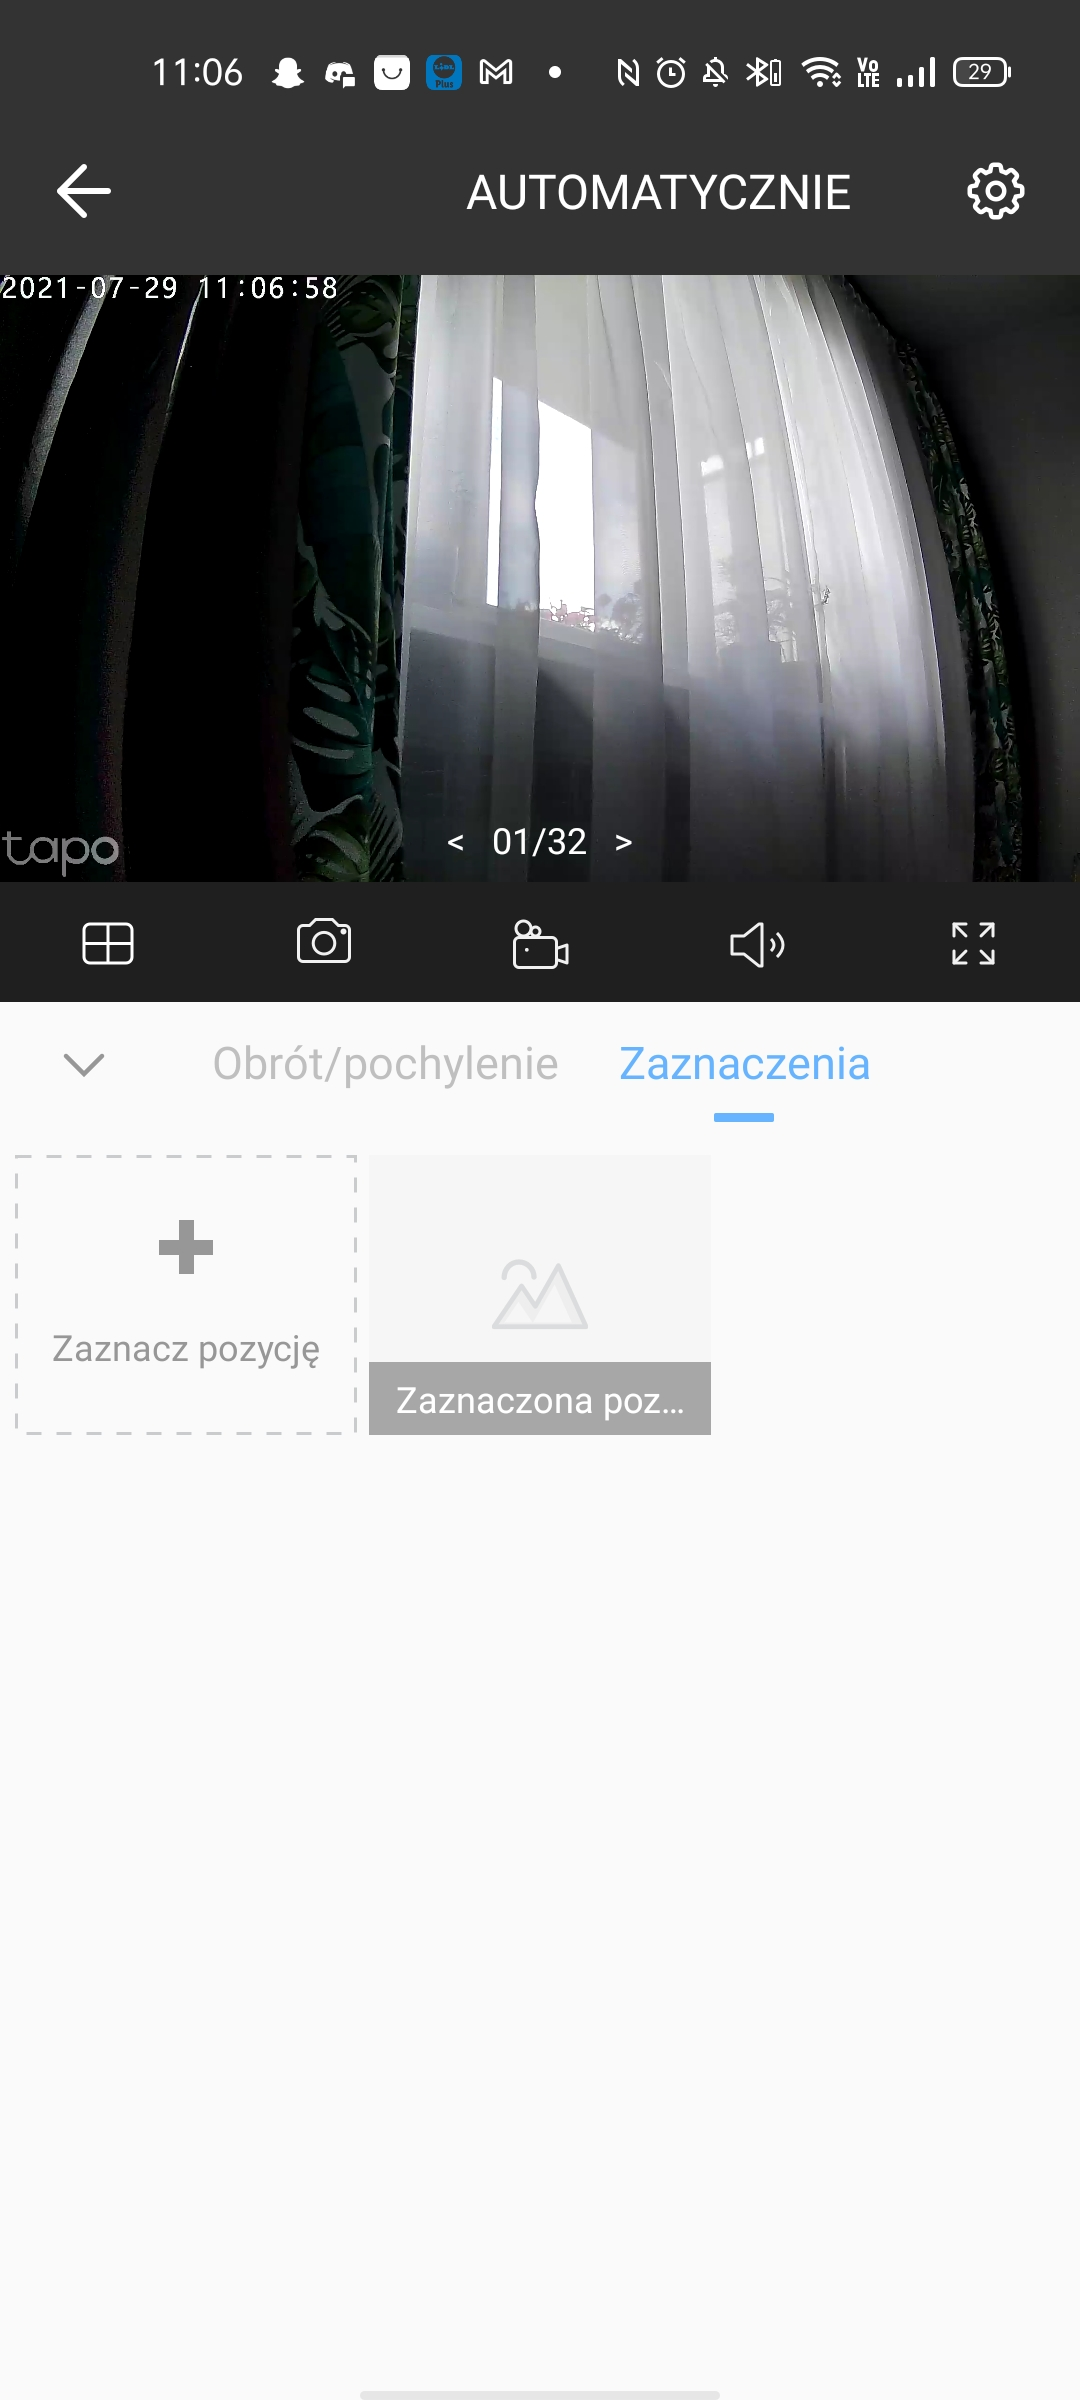 Recenzja TP-Link Tapo C210, czyli przyjemnej kamerki do domowego monitoringu